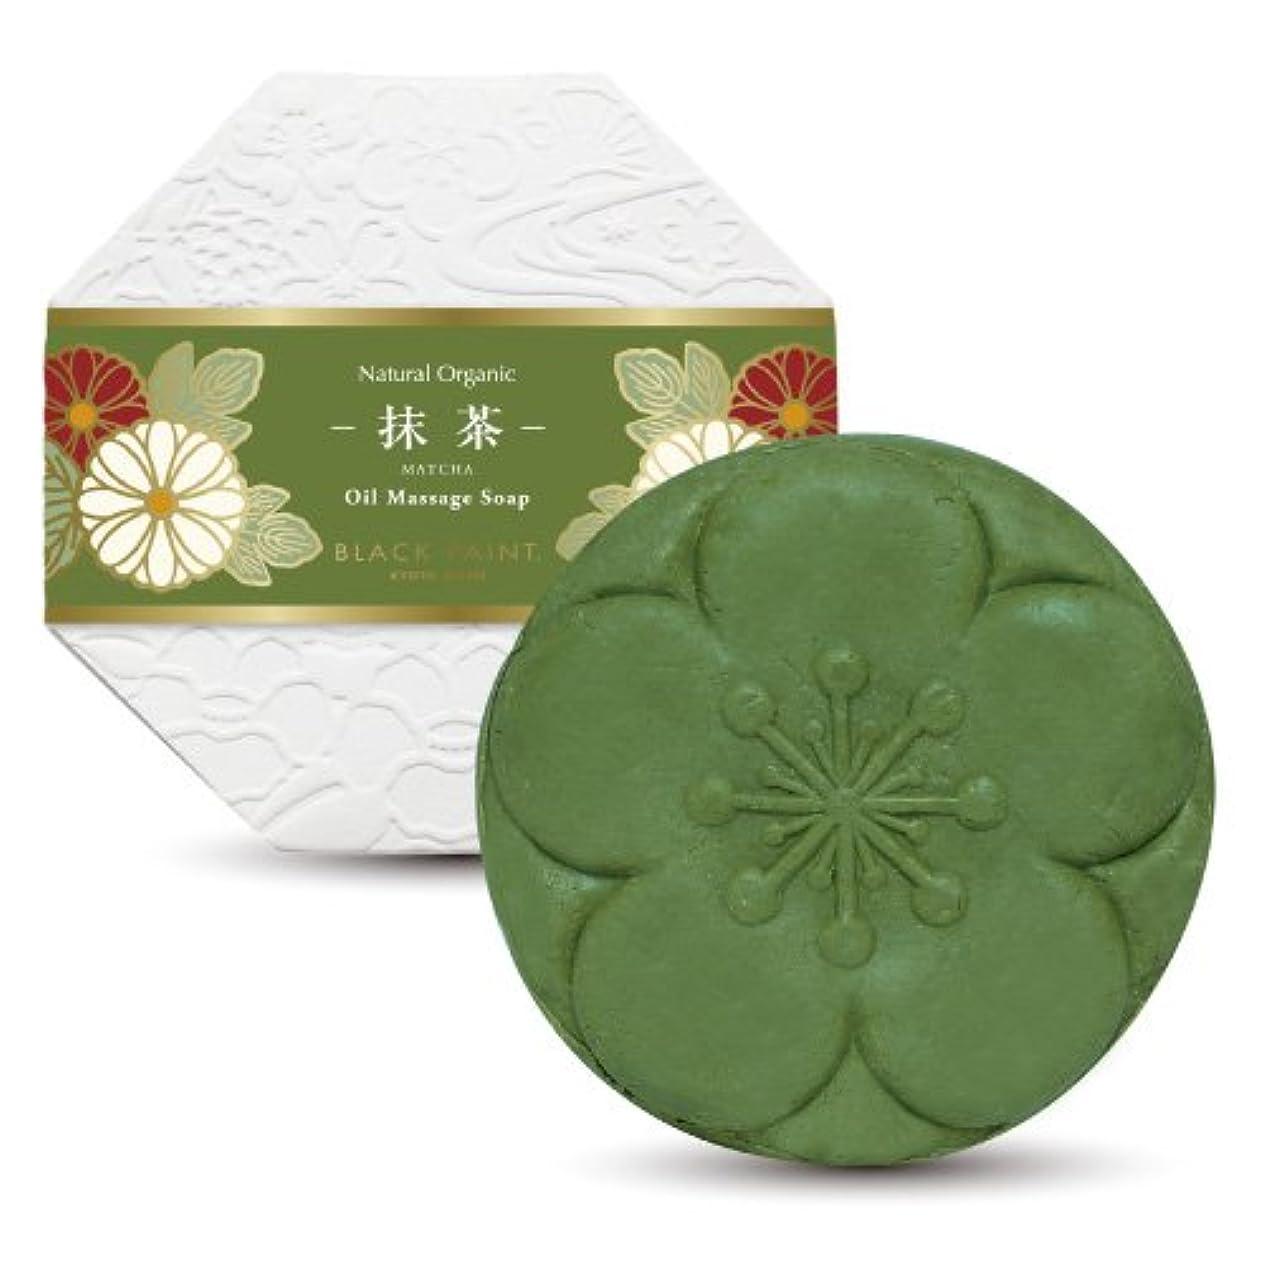 援助するペン安全な京のお茶石鹸 抹茶 120g 塗る石鹸